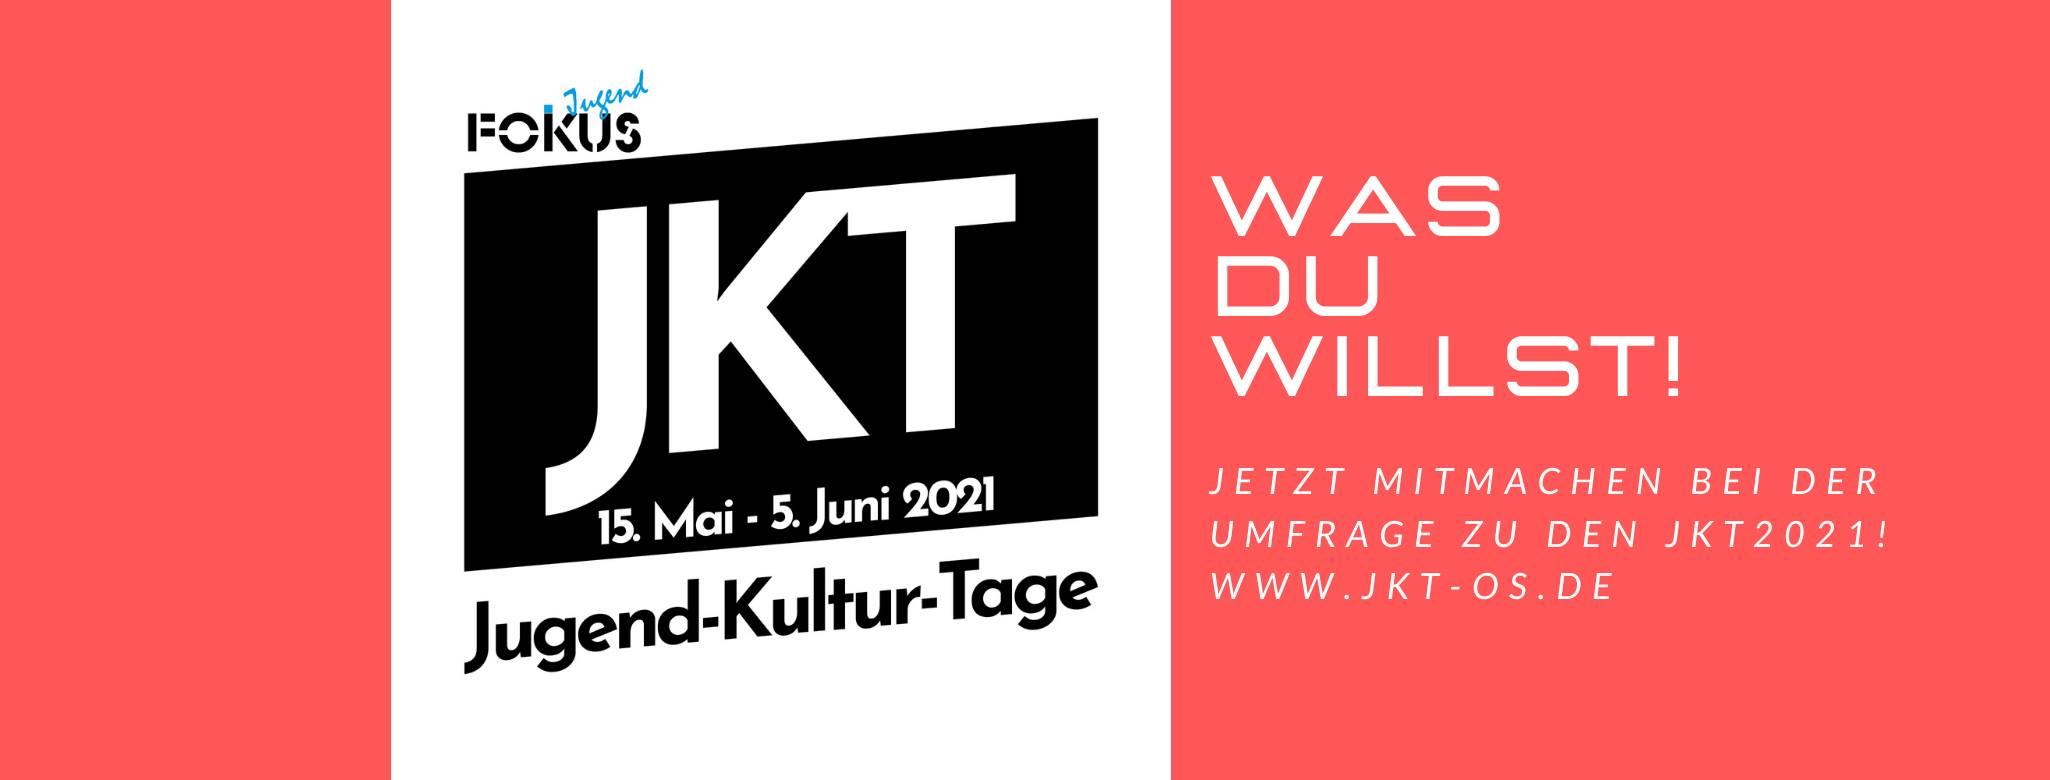 Umfrage zu den JKT 2021 in Osnabrück